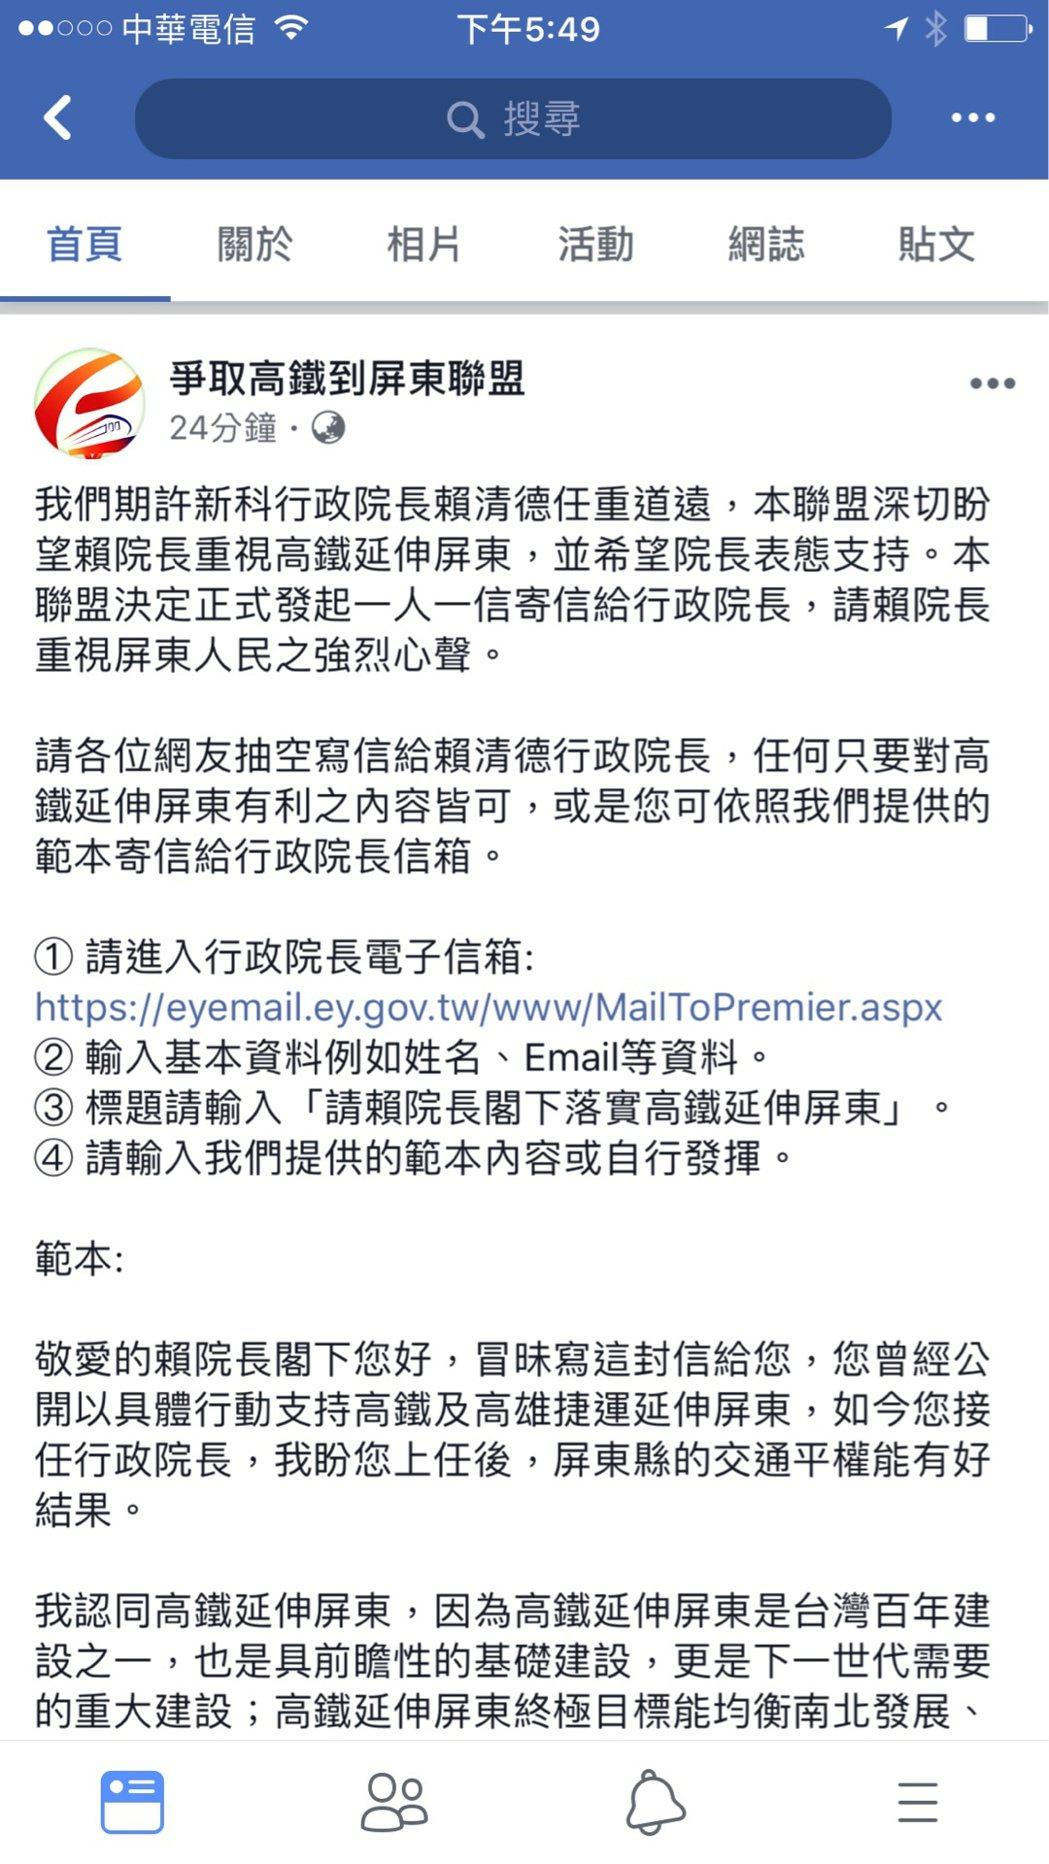 「爭取高鐵到屏東聯盟」在臉書上發起一人一信給賴清德。記者翁禎霞/翻攝